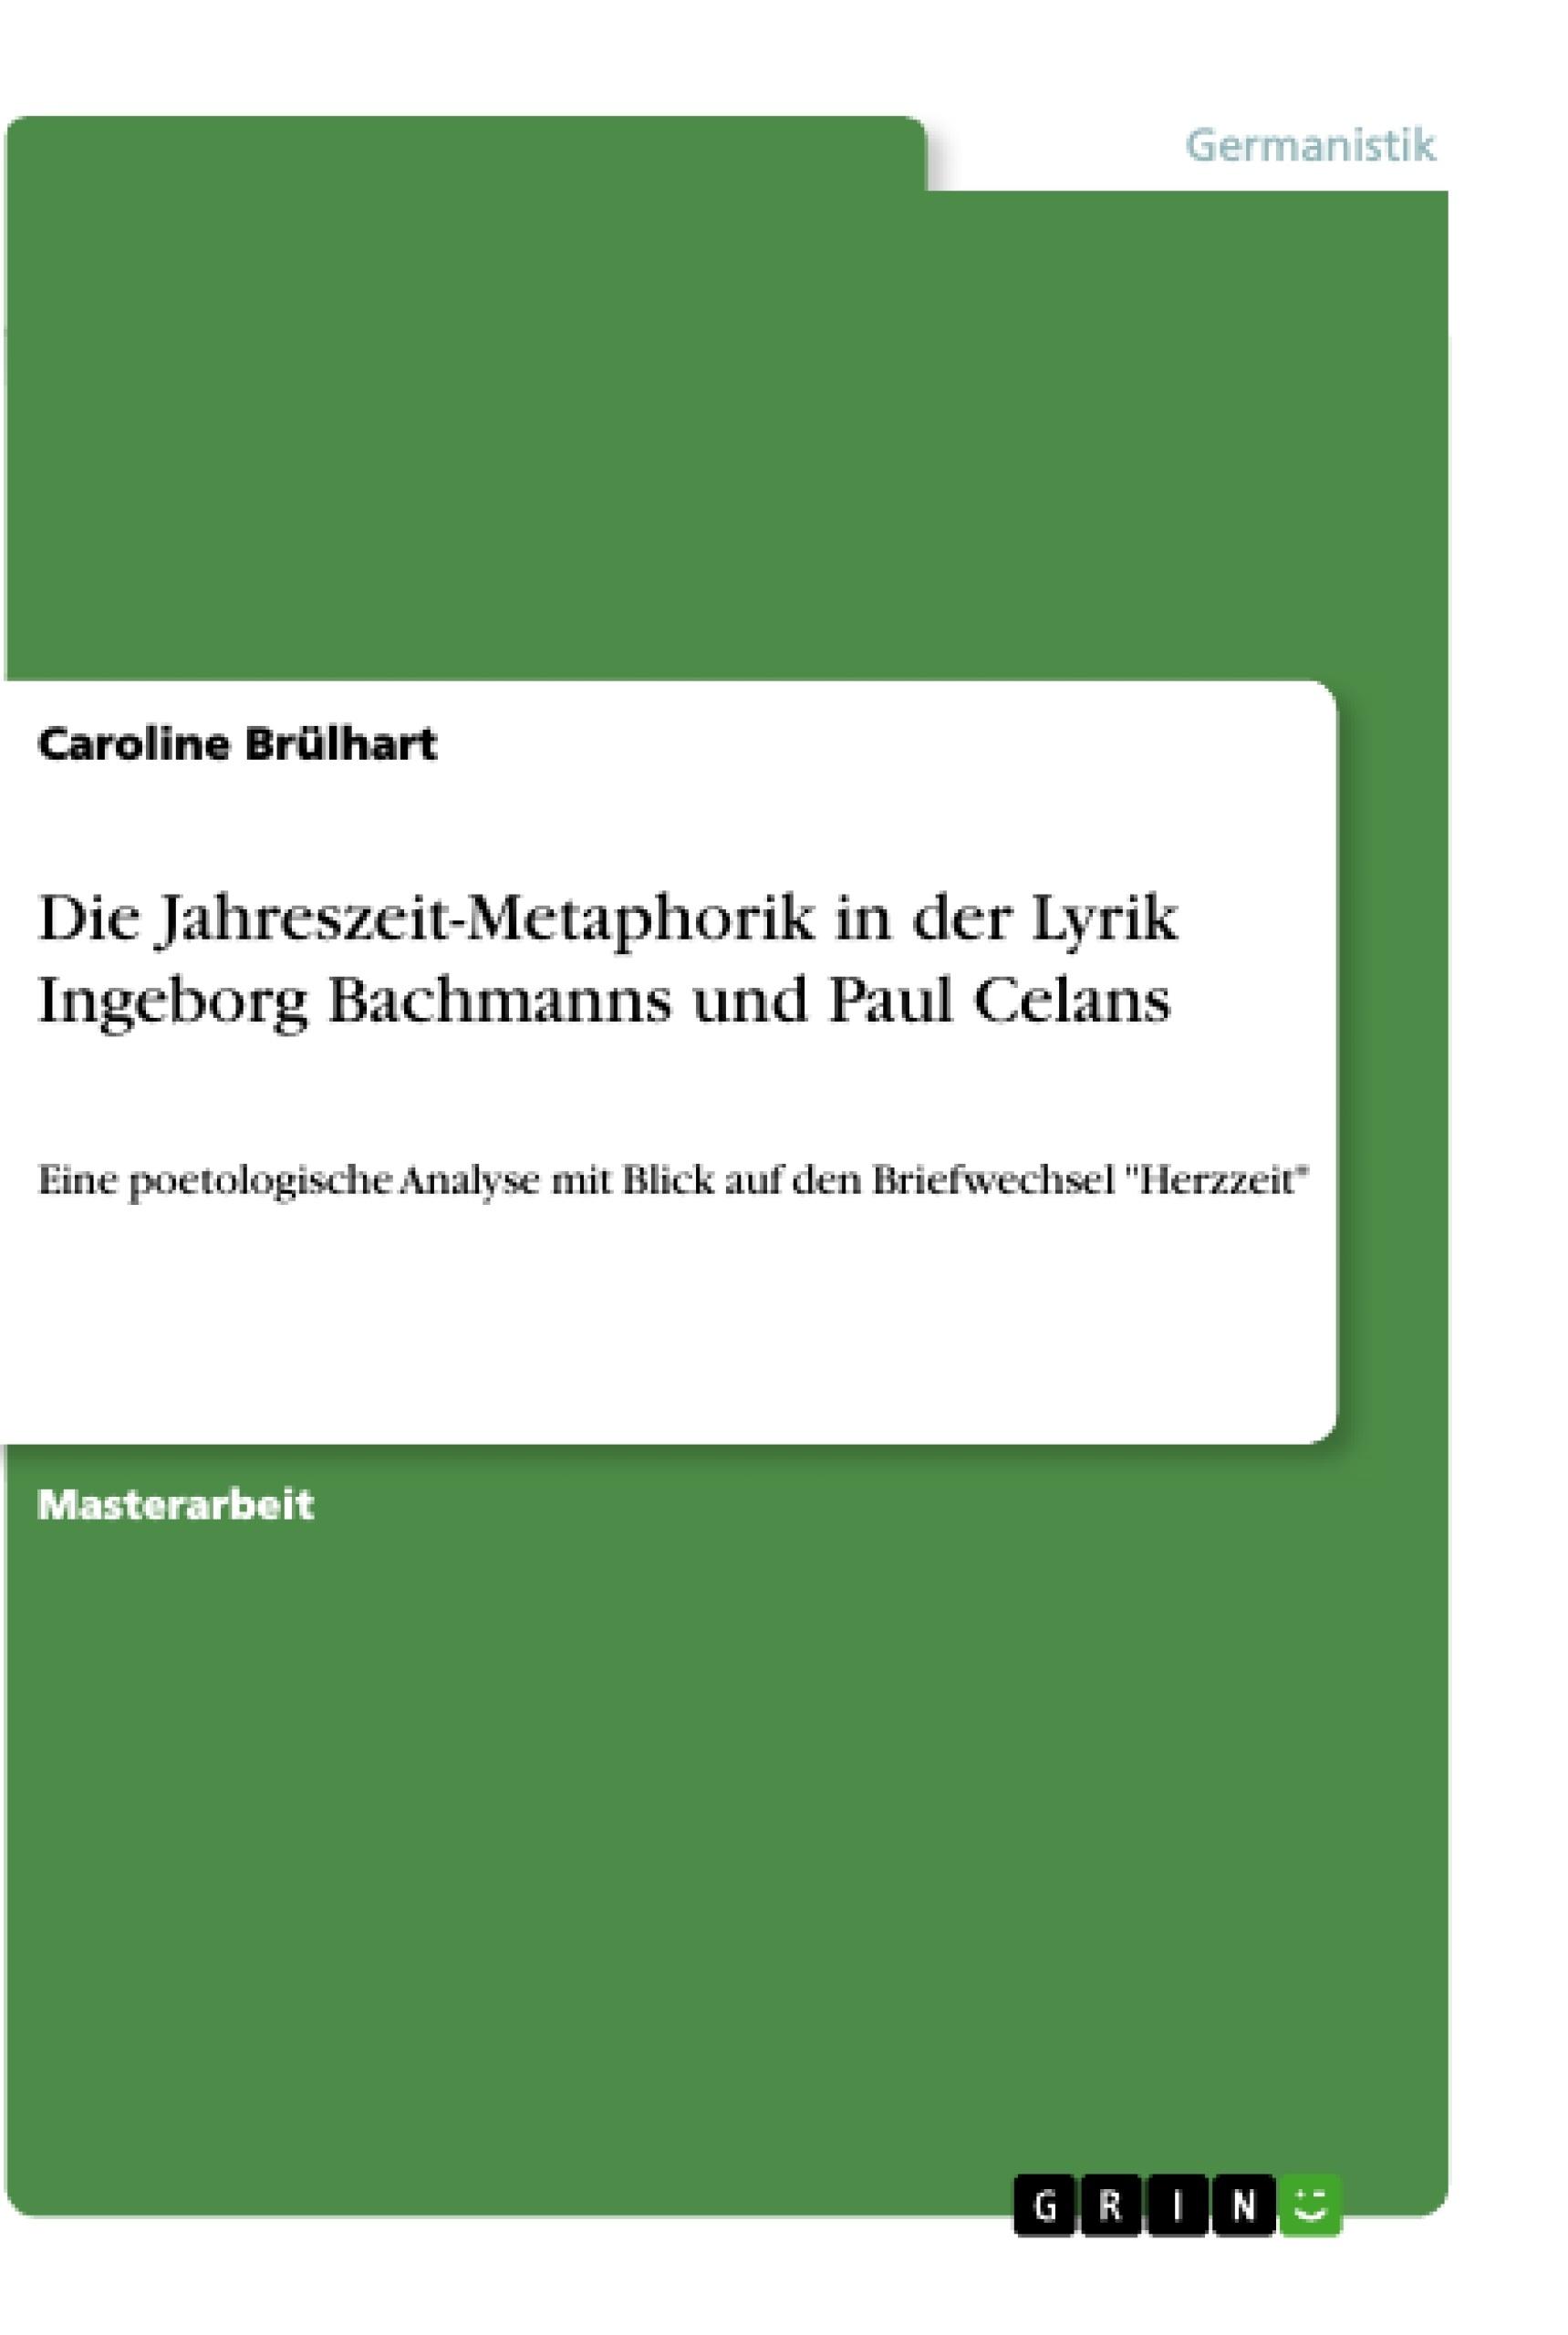 Titel: Die Jahreszeit-Metaphorik in der Lyrik Ingeborg Bachmanns und Paul Celans